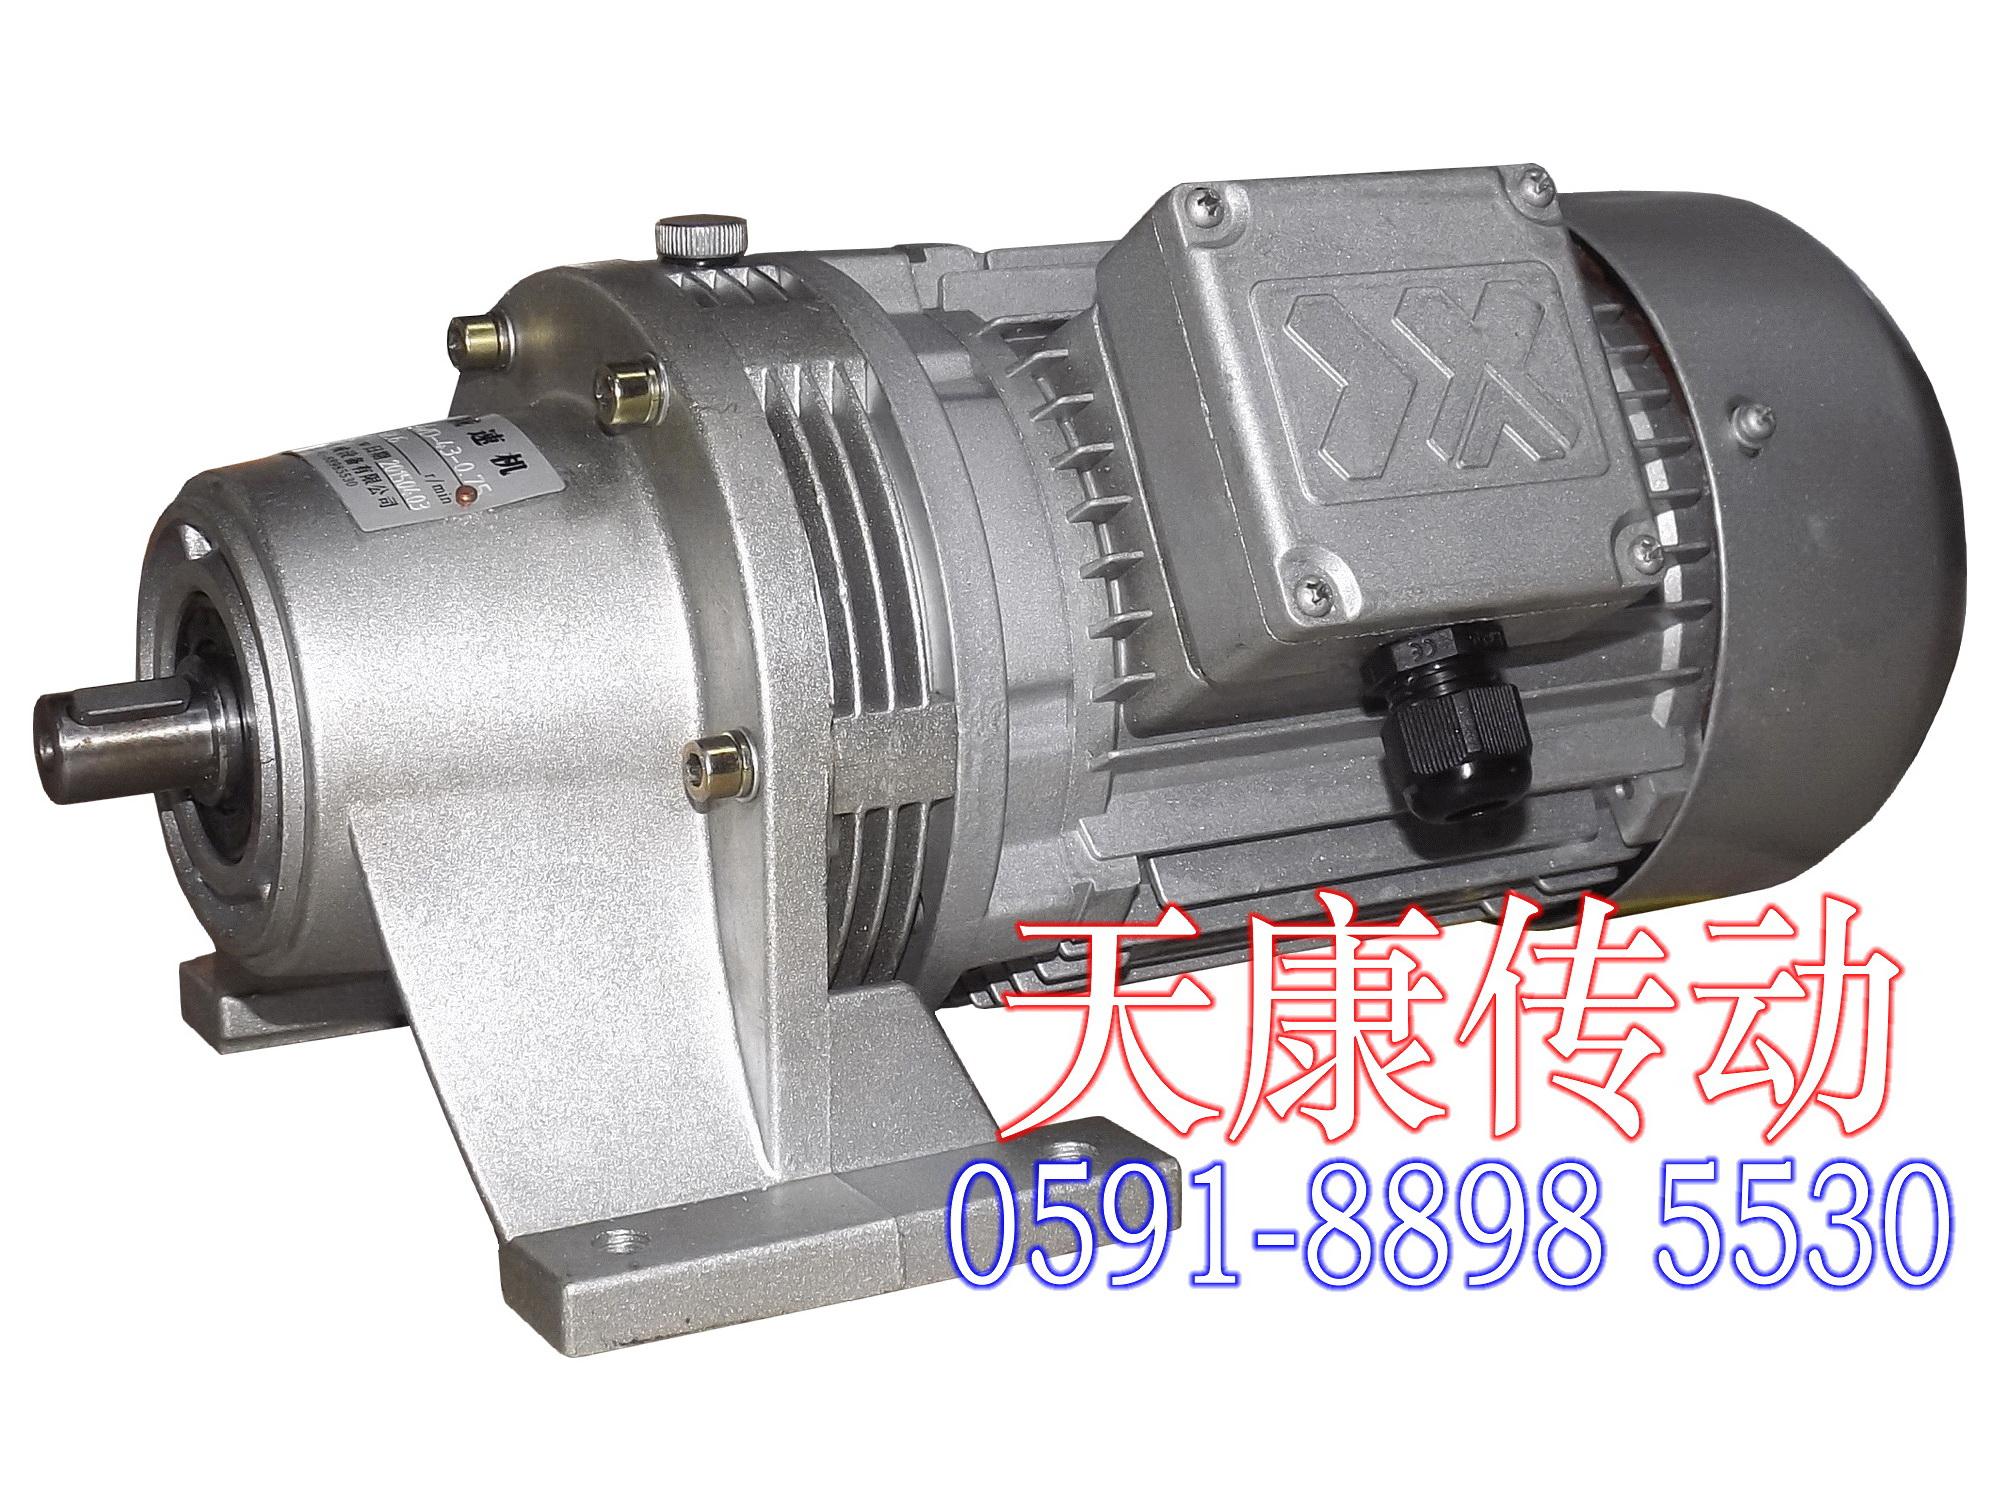 WB微型擺線針輪減速機2